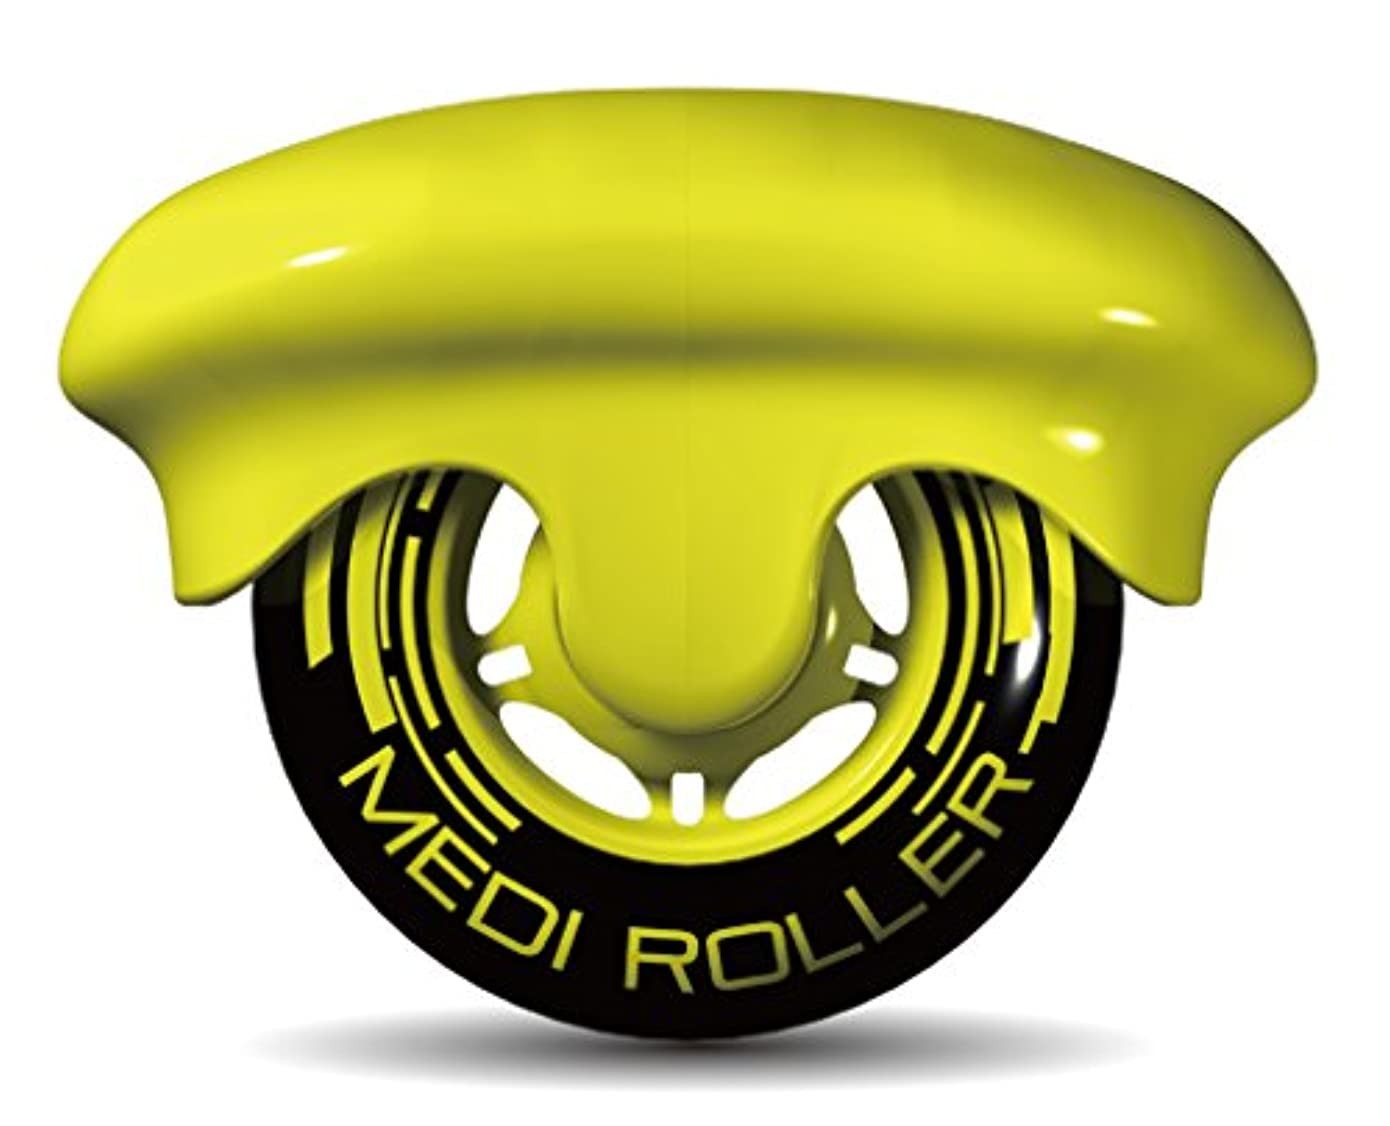 虚偽不忠輸血MEDI ROLLER (メディローラー) 巾着付き 筋肉のコリを点で押すセルフローラー (イエロー)